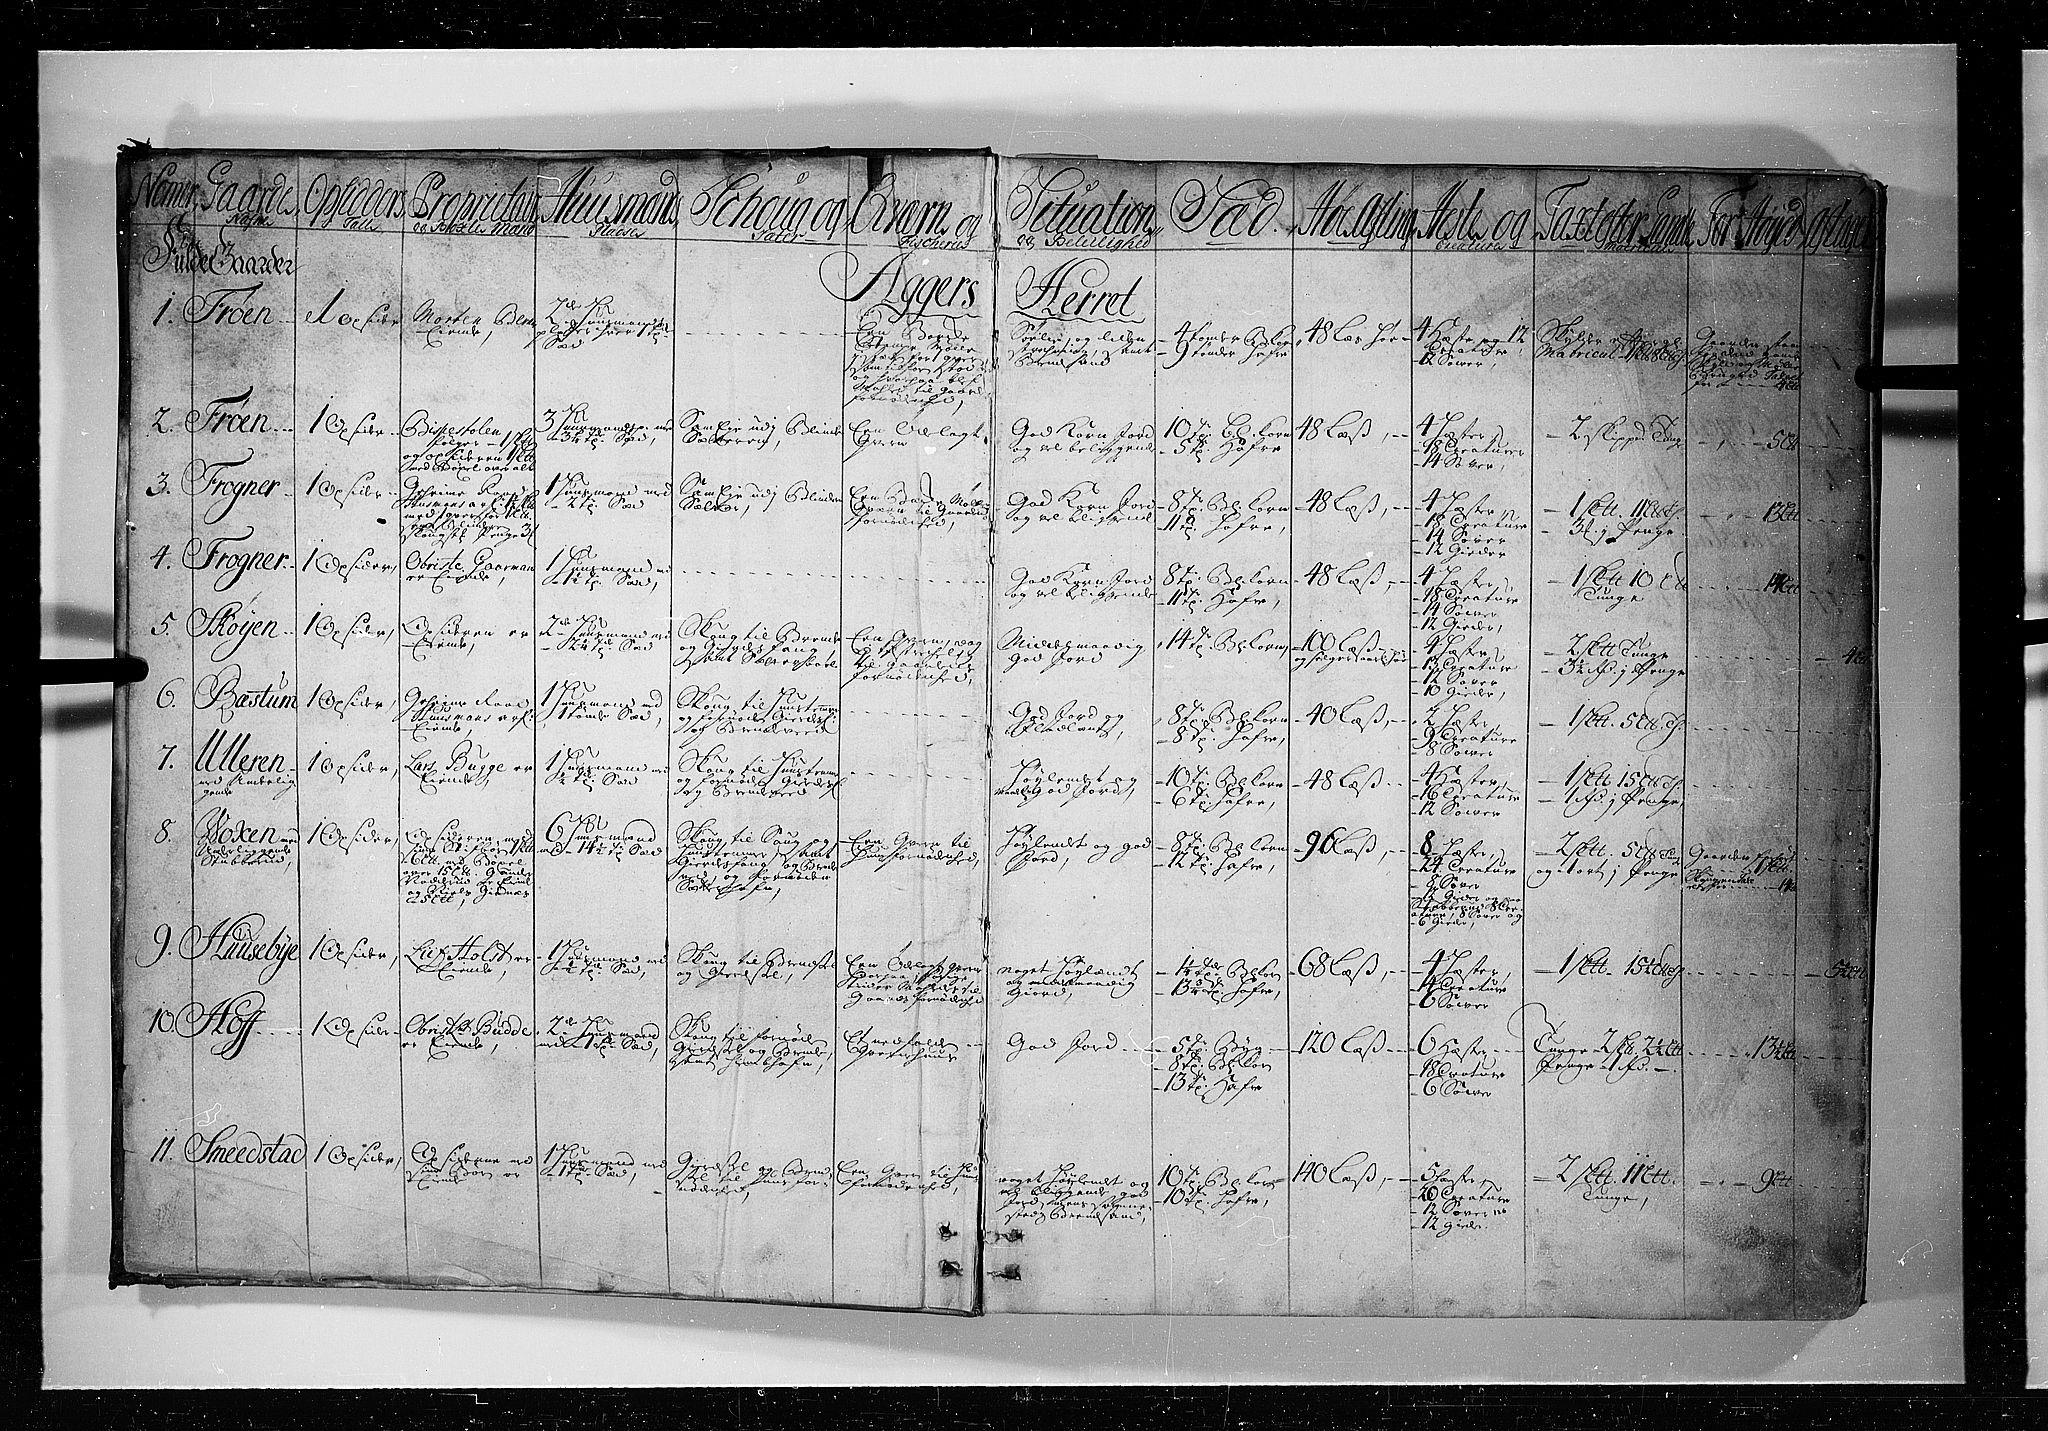 RA, Rentekammeret inntil 1814, Realistisk ordnet avdeling, N/Nb/Nbf/L0089: Aker og Follo eksaminasjonsprotokoll, 1723, s. 1a